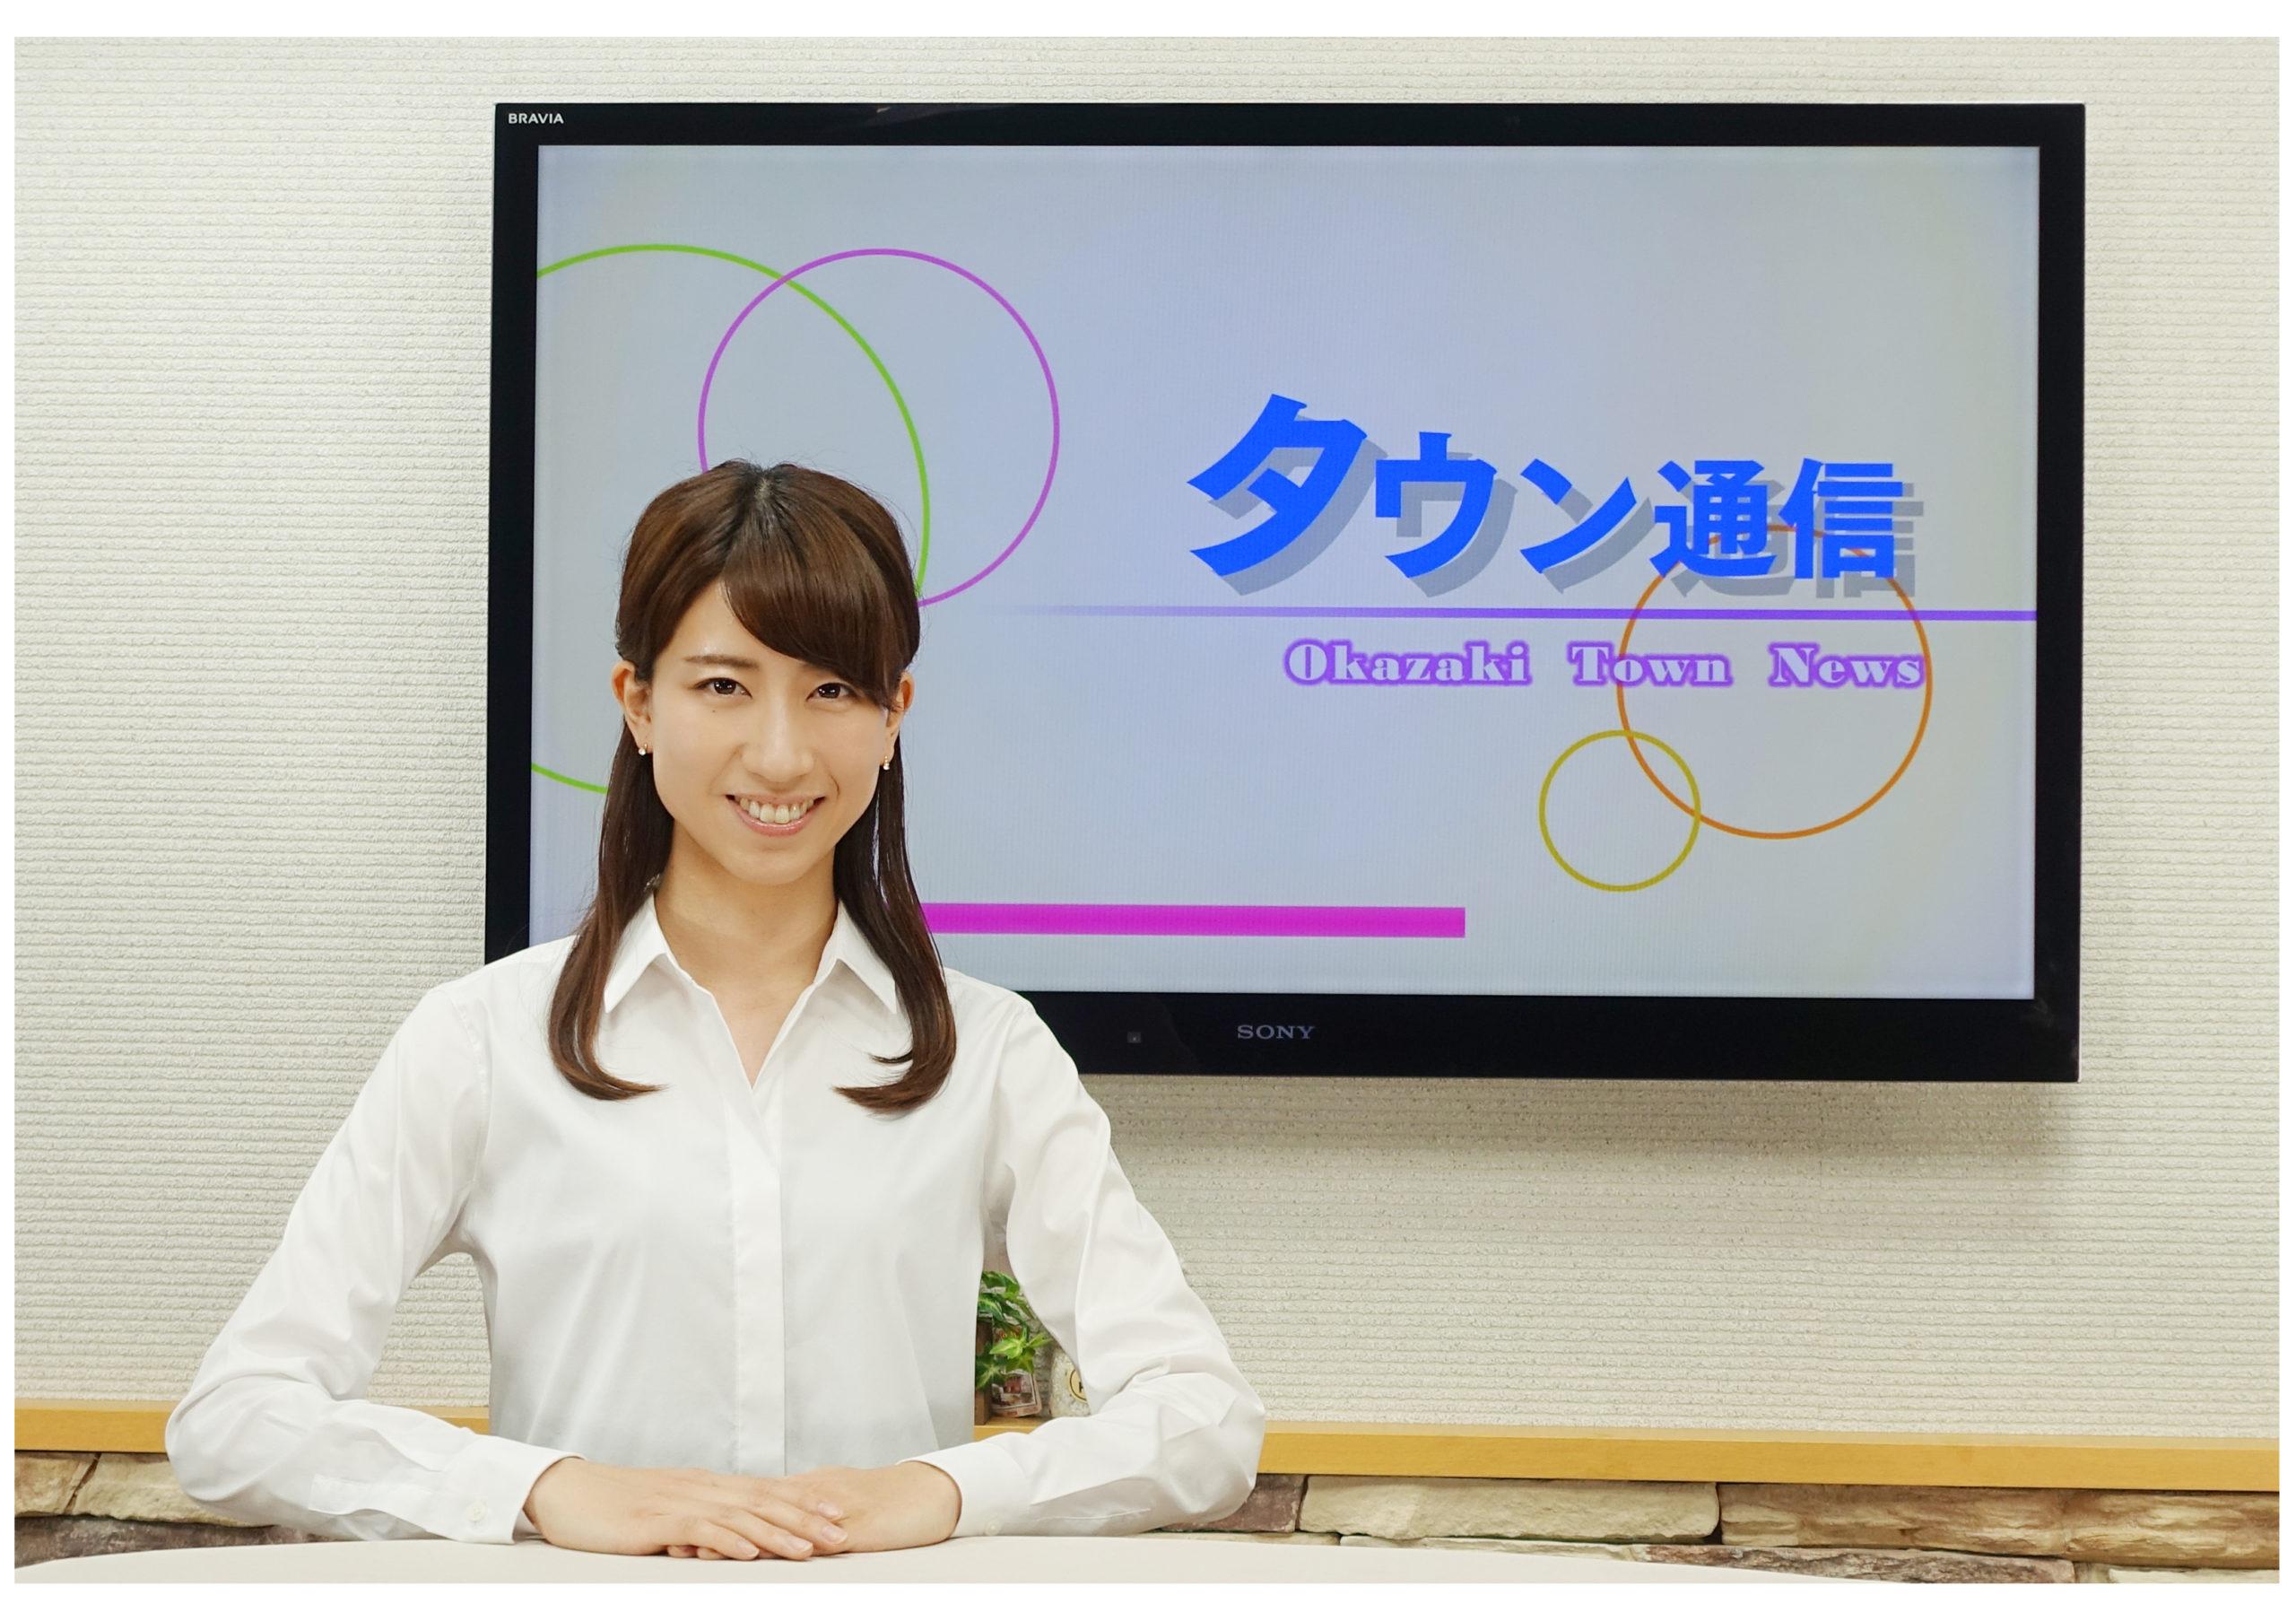 岡崎市内の身近な出来事をお伝えする、チャンネルミクスで放送中のニュース番組です。 チャンネルおかざきではミクス放送の翌日放送です。